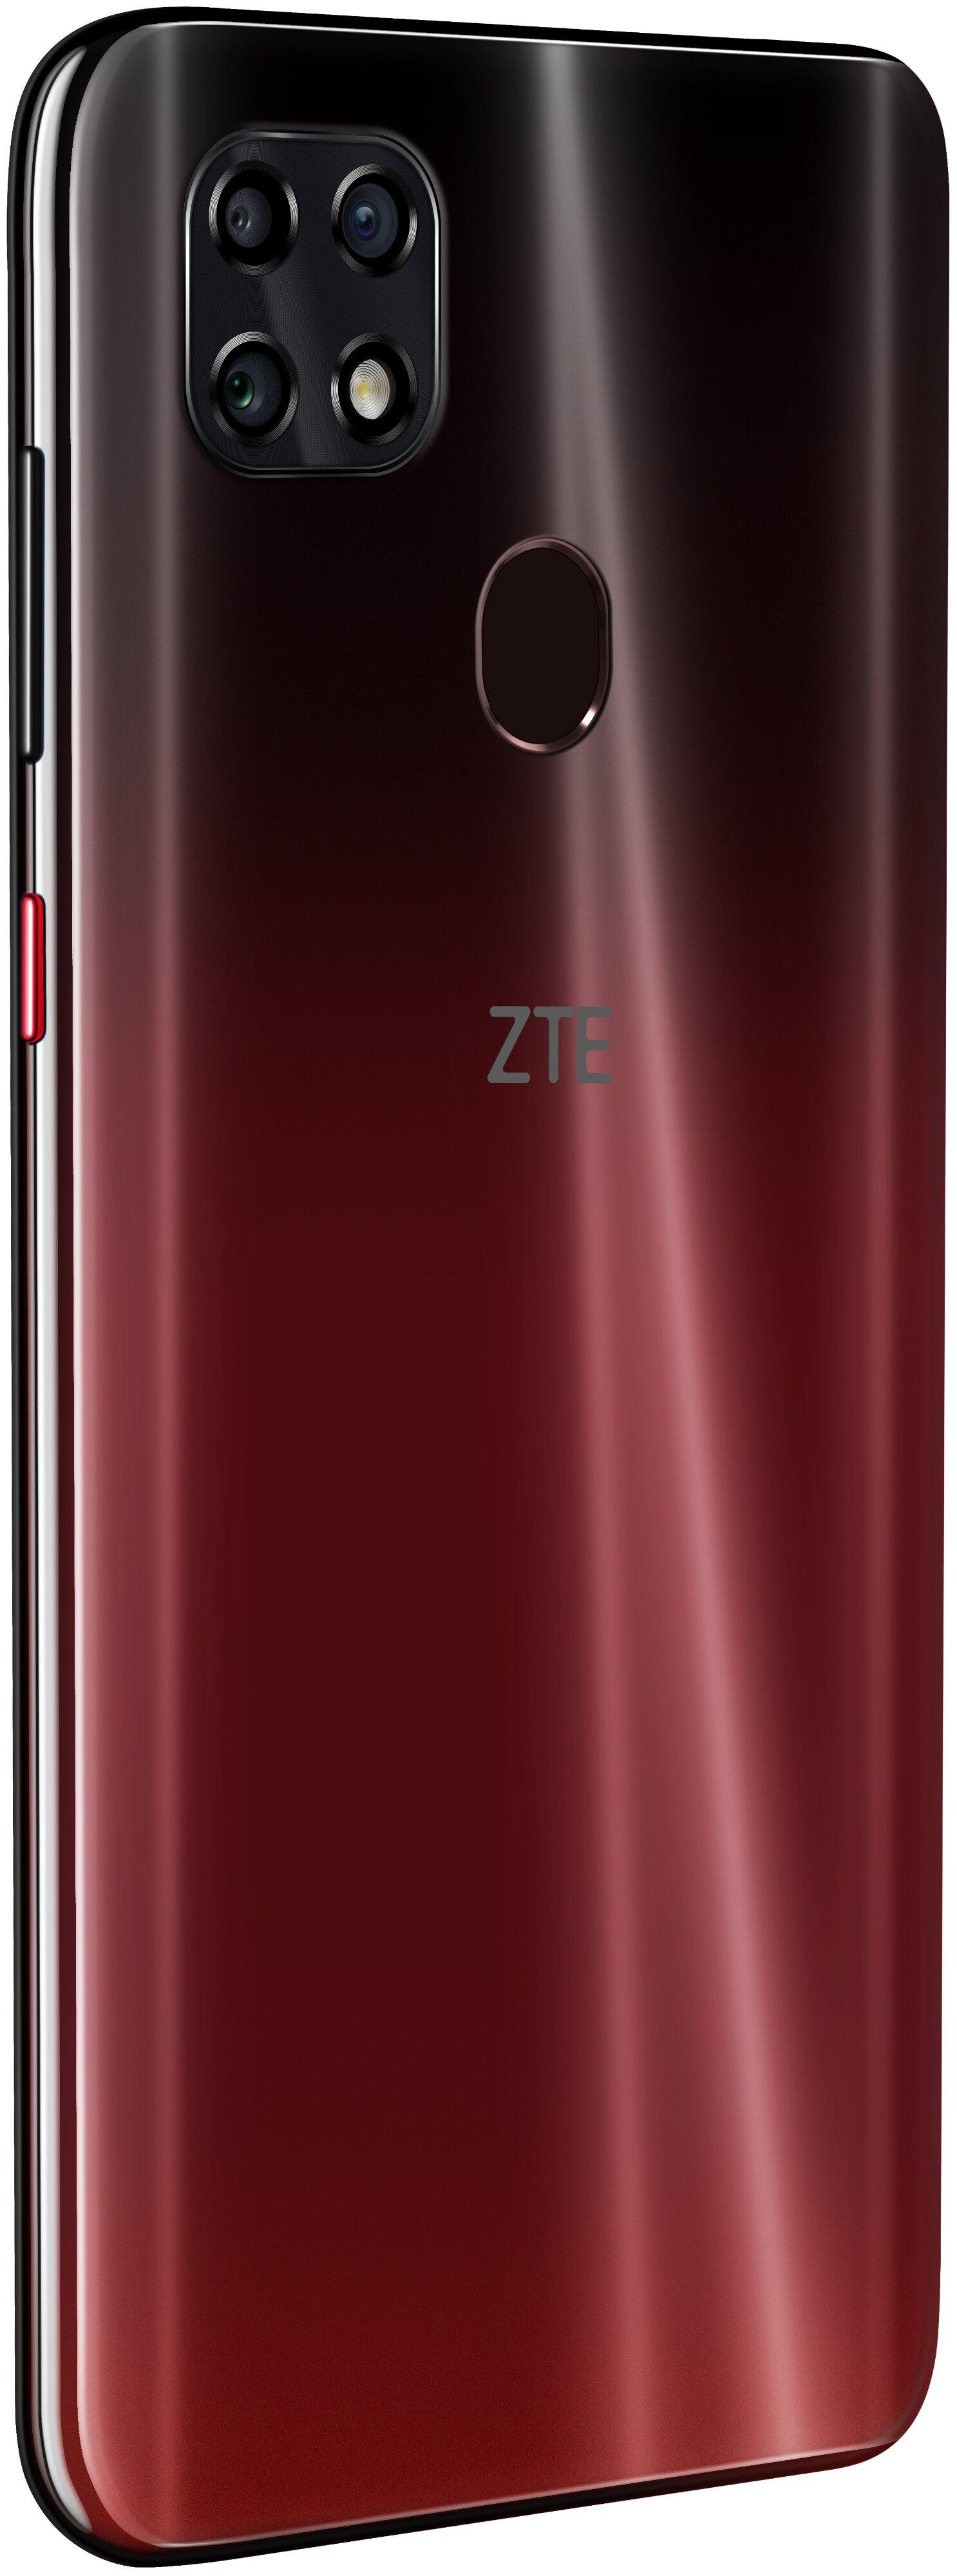 ZTE Blade 20 Smart - вес: 190г